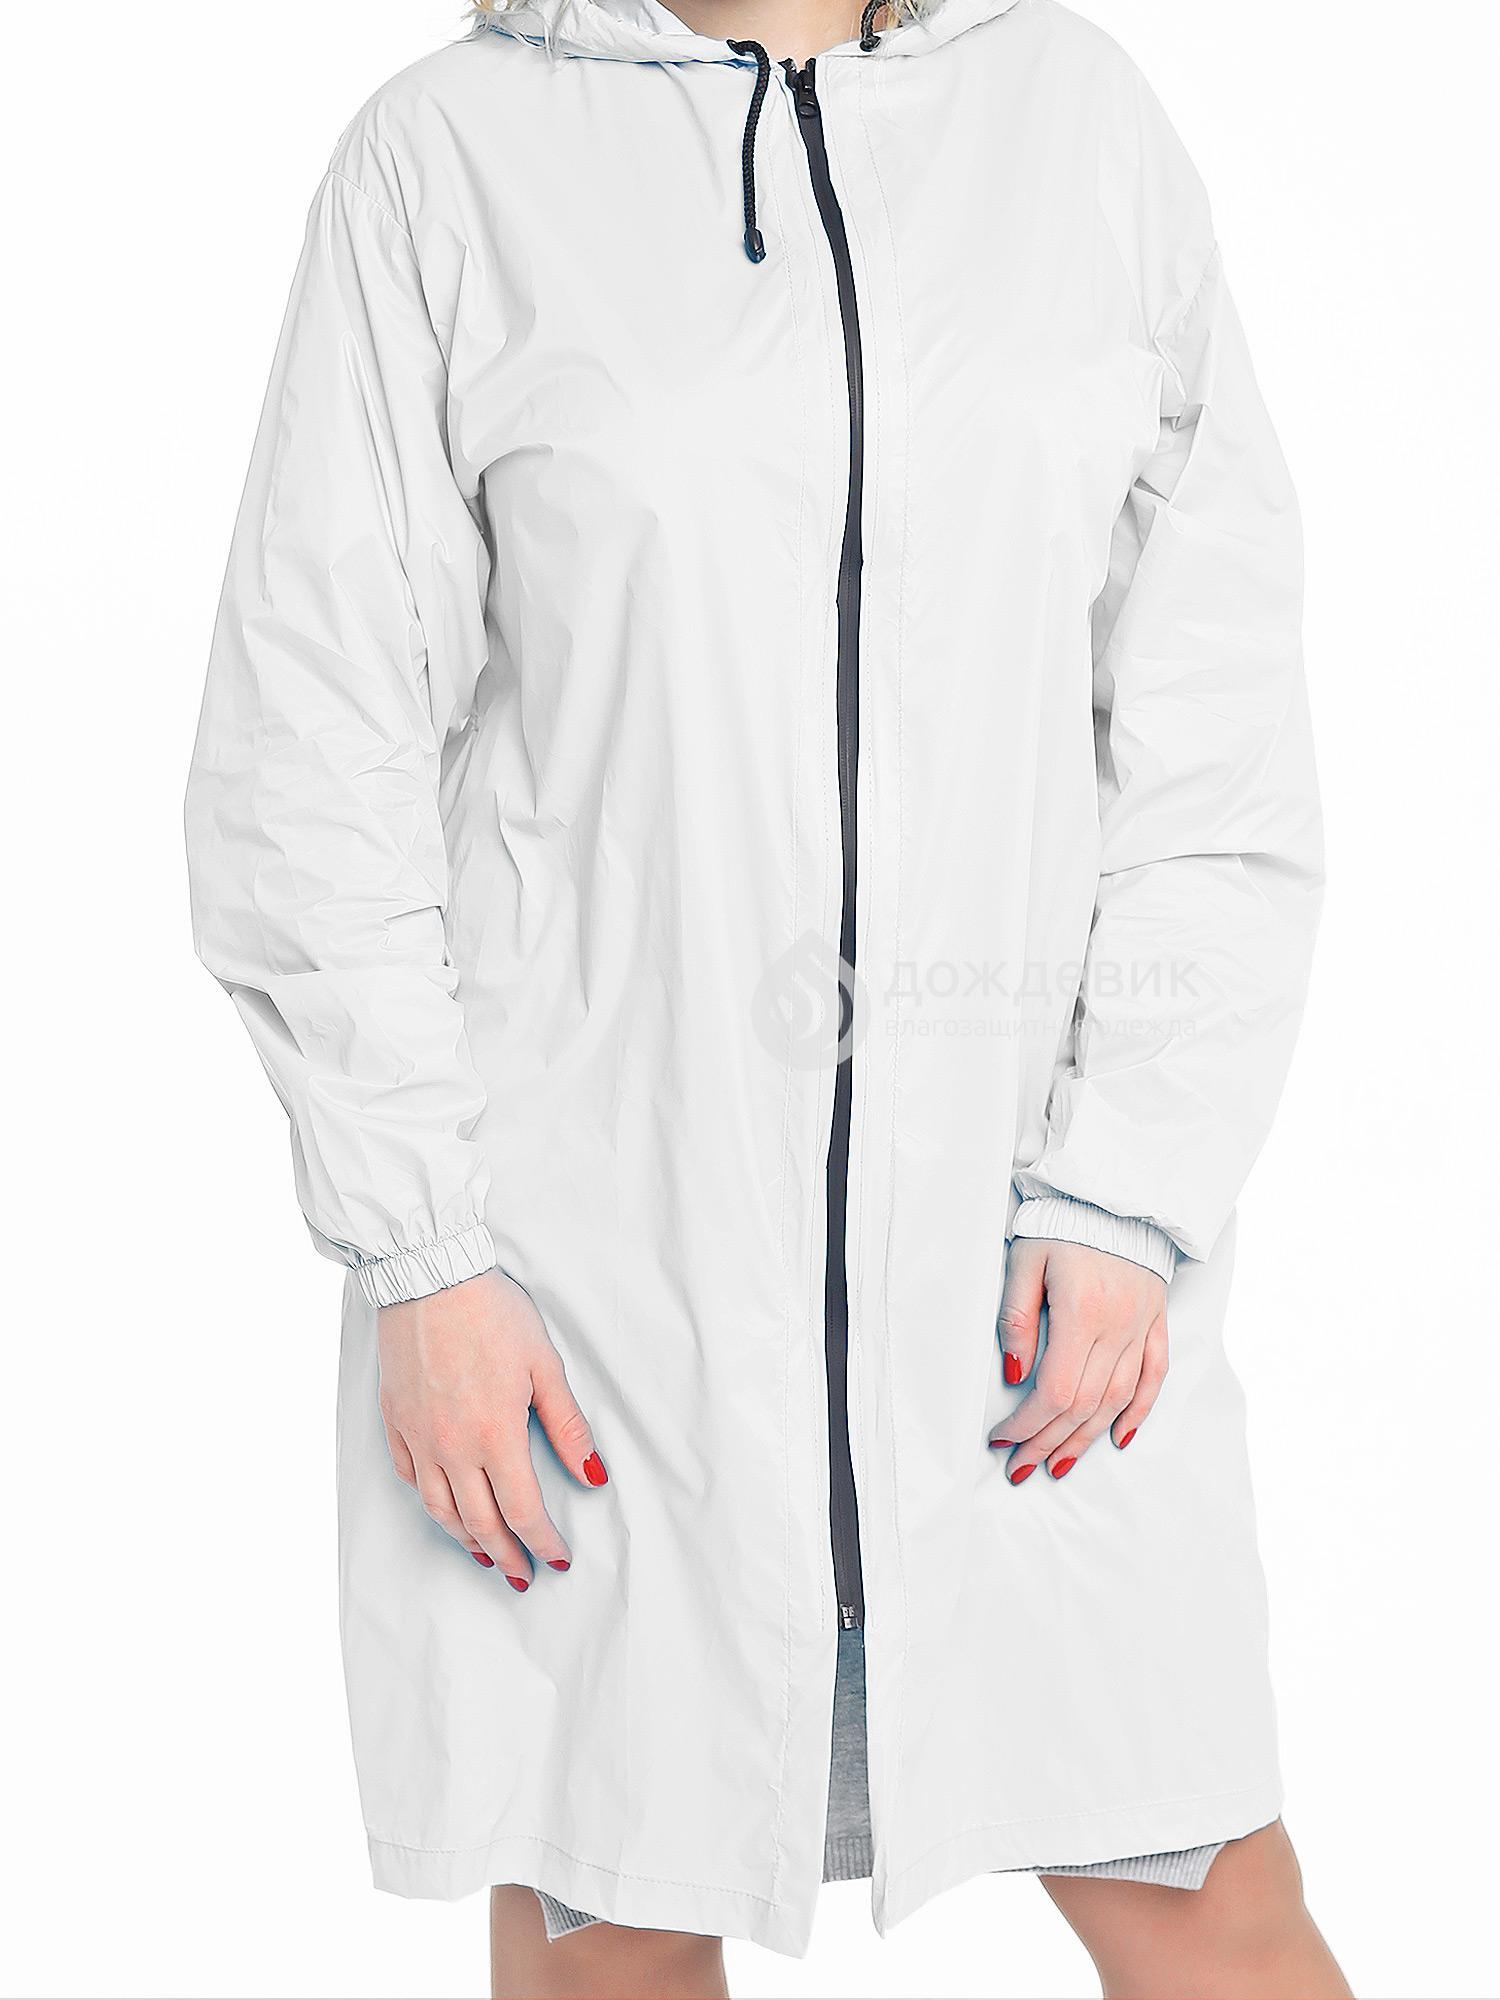 Плащ-дождевик «Ультра» модный непромокаемый на молнии белый